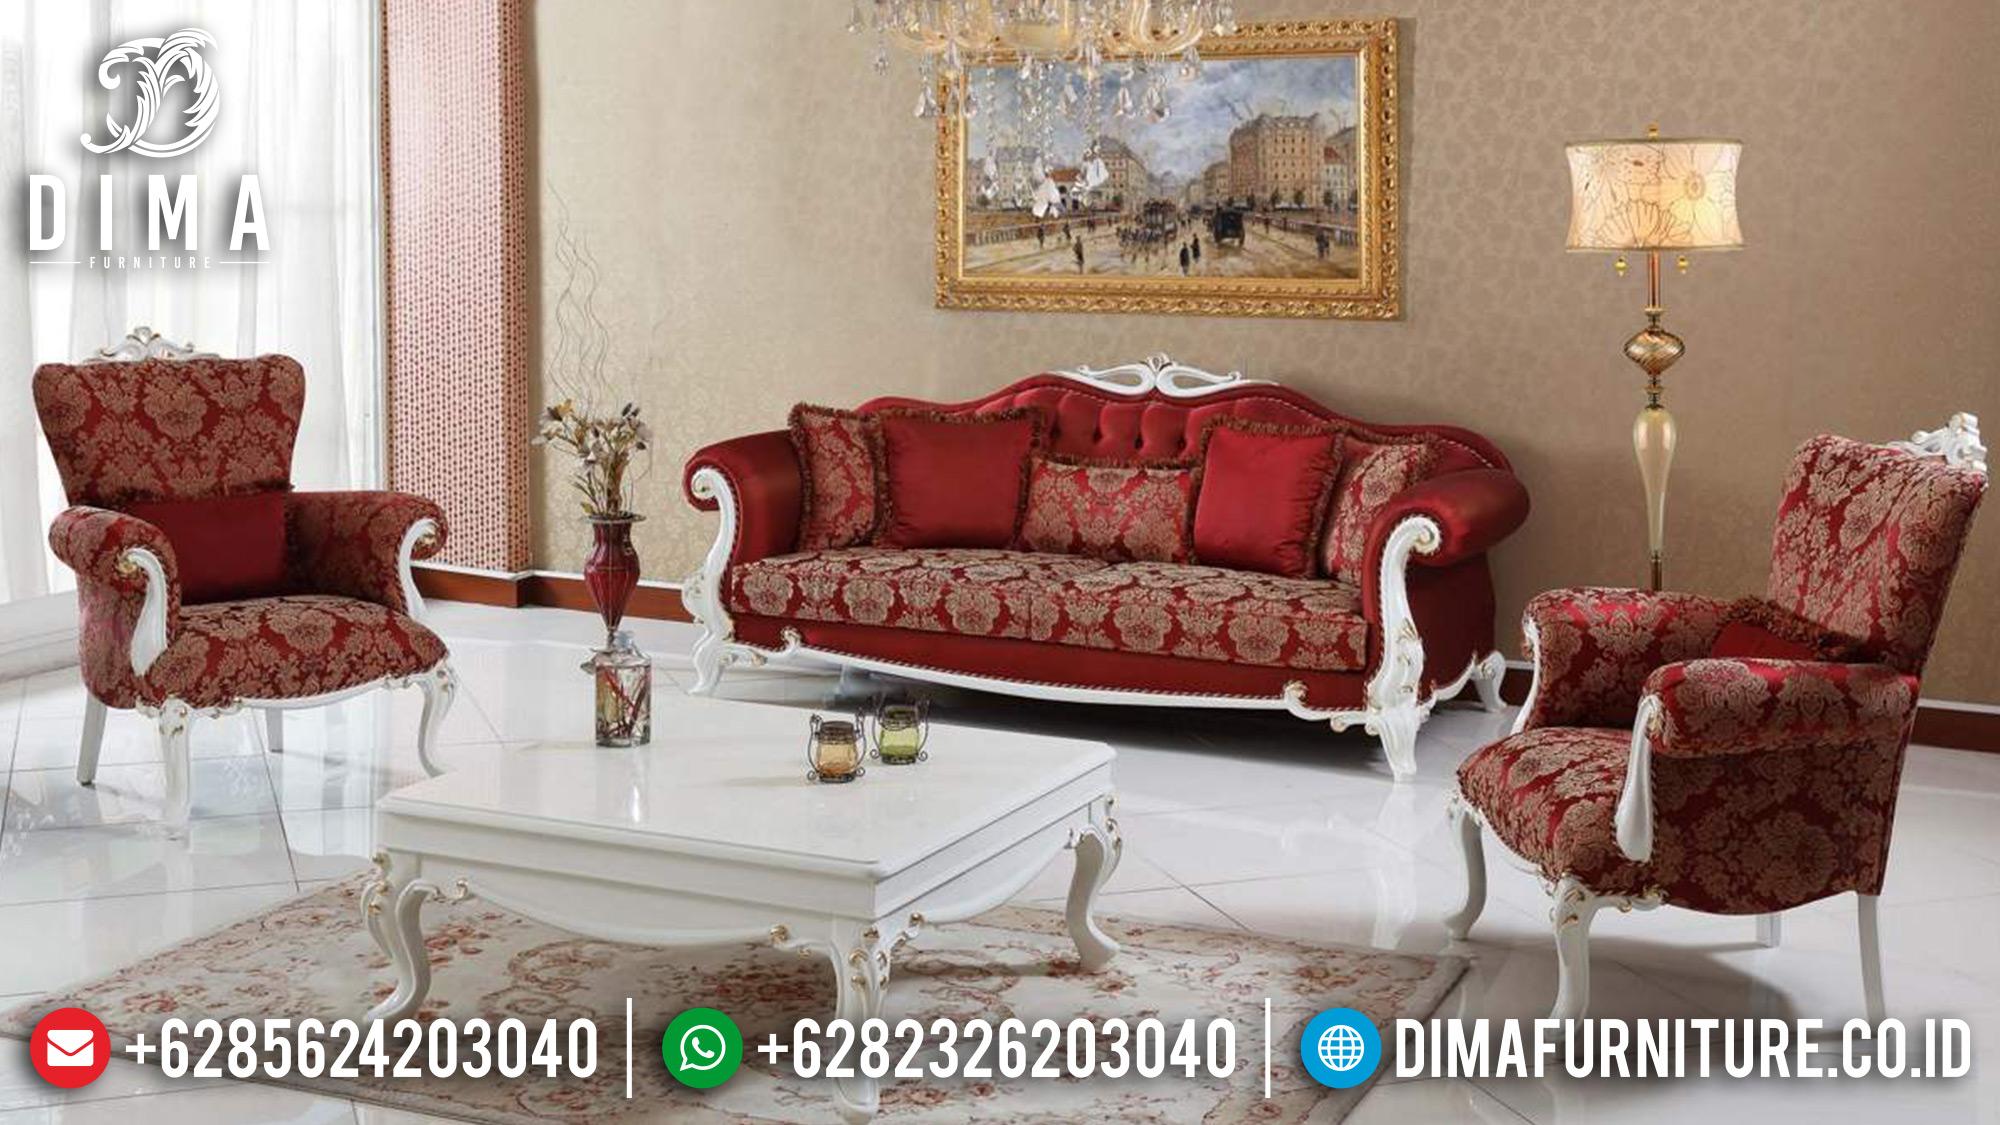 Sofa Tamu Mewah Jepara Mebel Model Terbaru Zirve Krimizi DF-0568